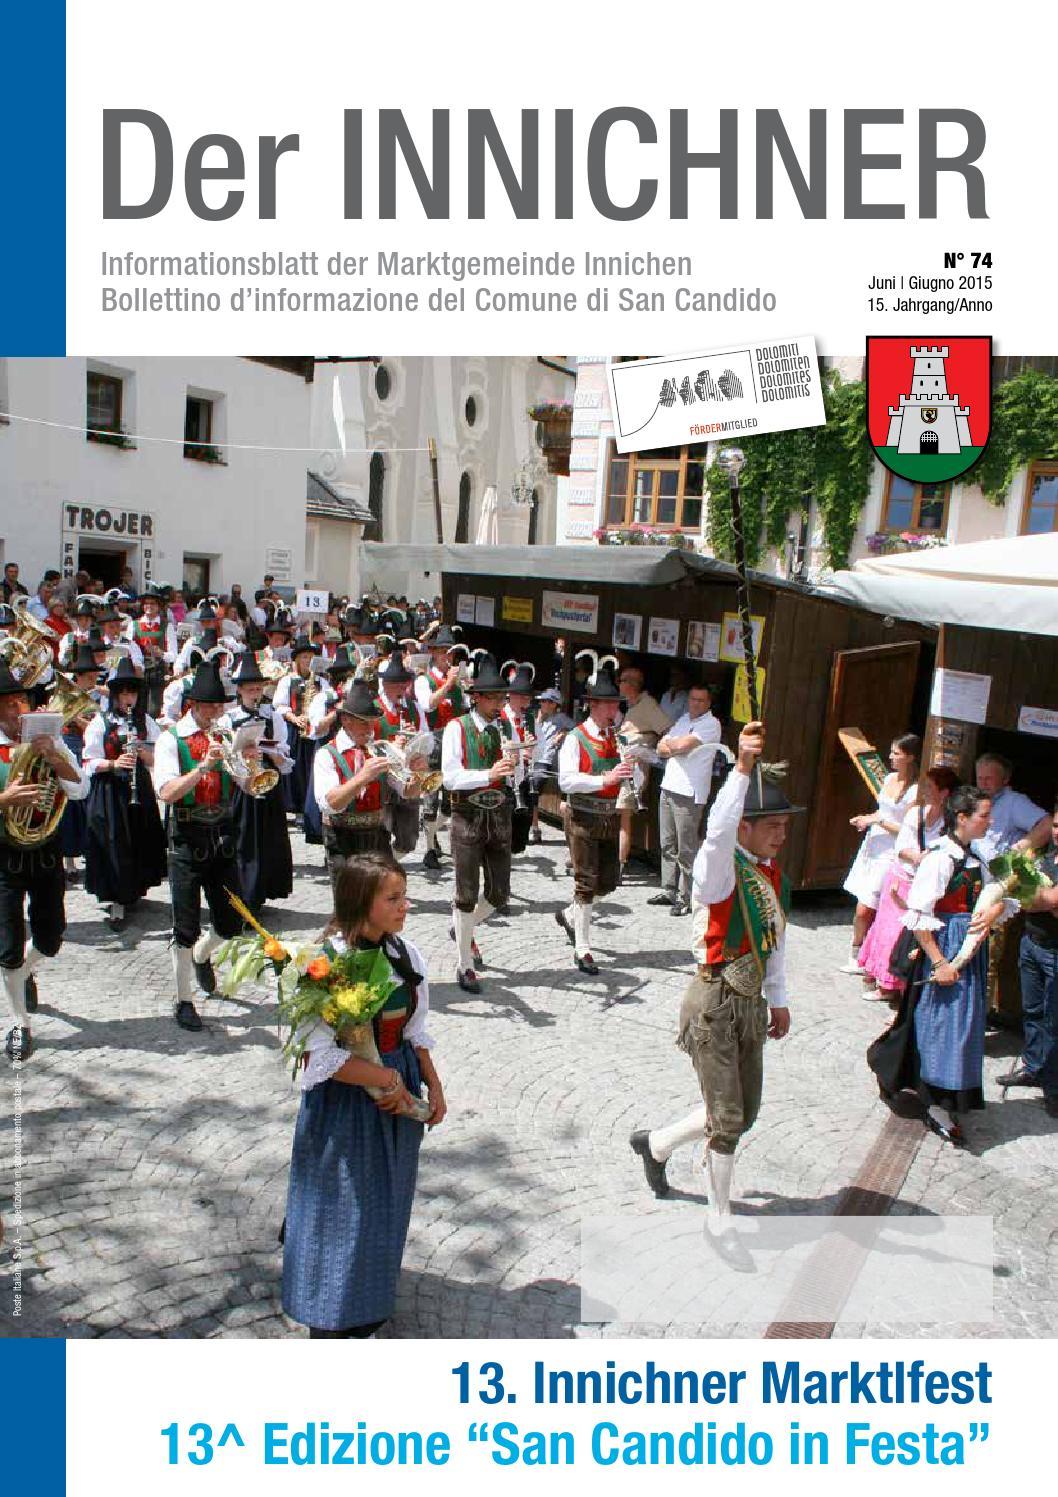 Nr./n. 74 2015 Der Innichner by Gemeinde Innichen - issuu